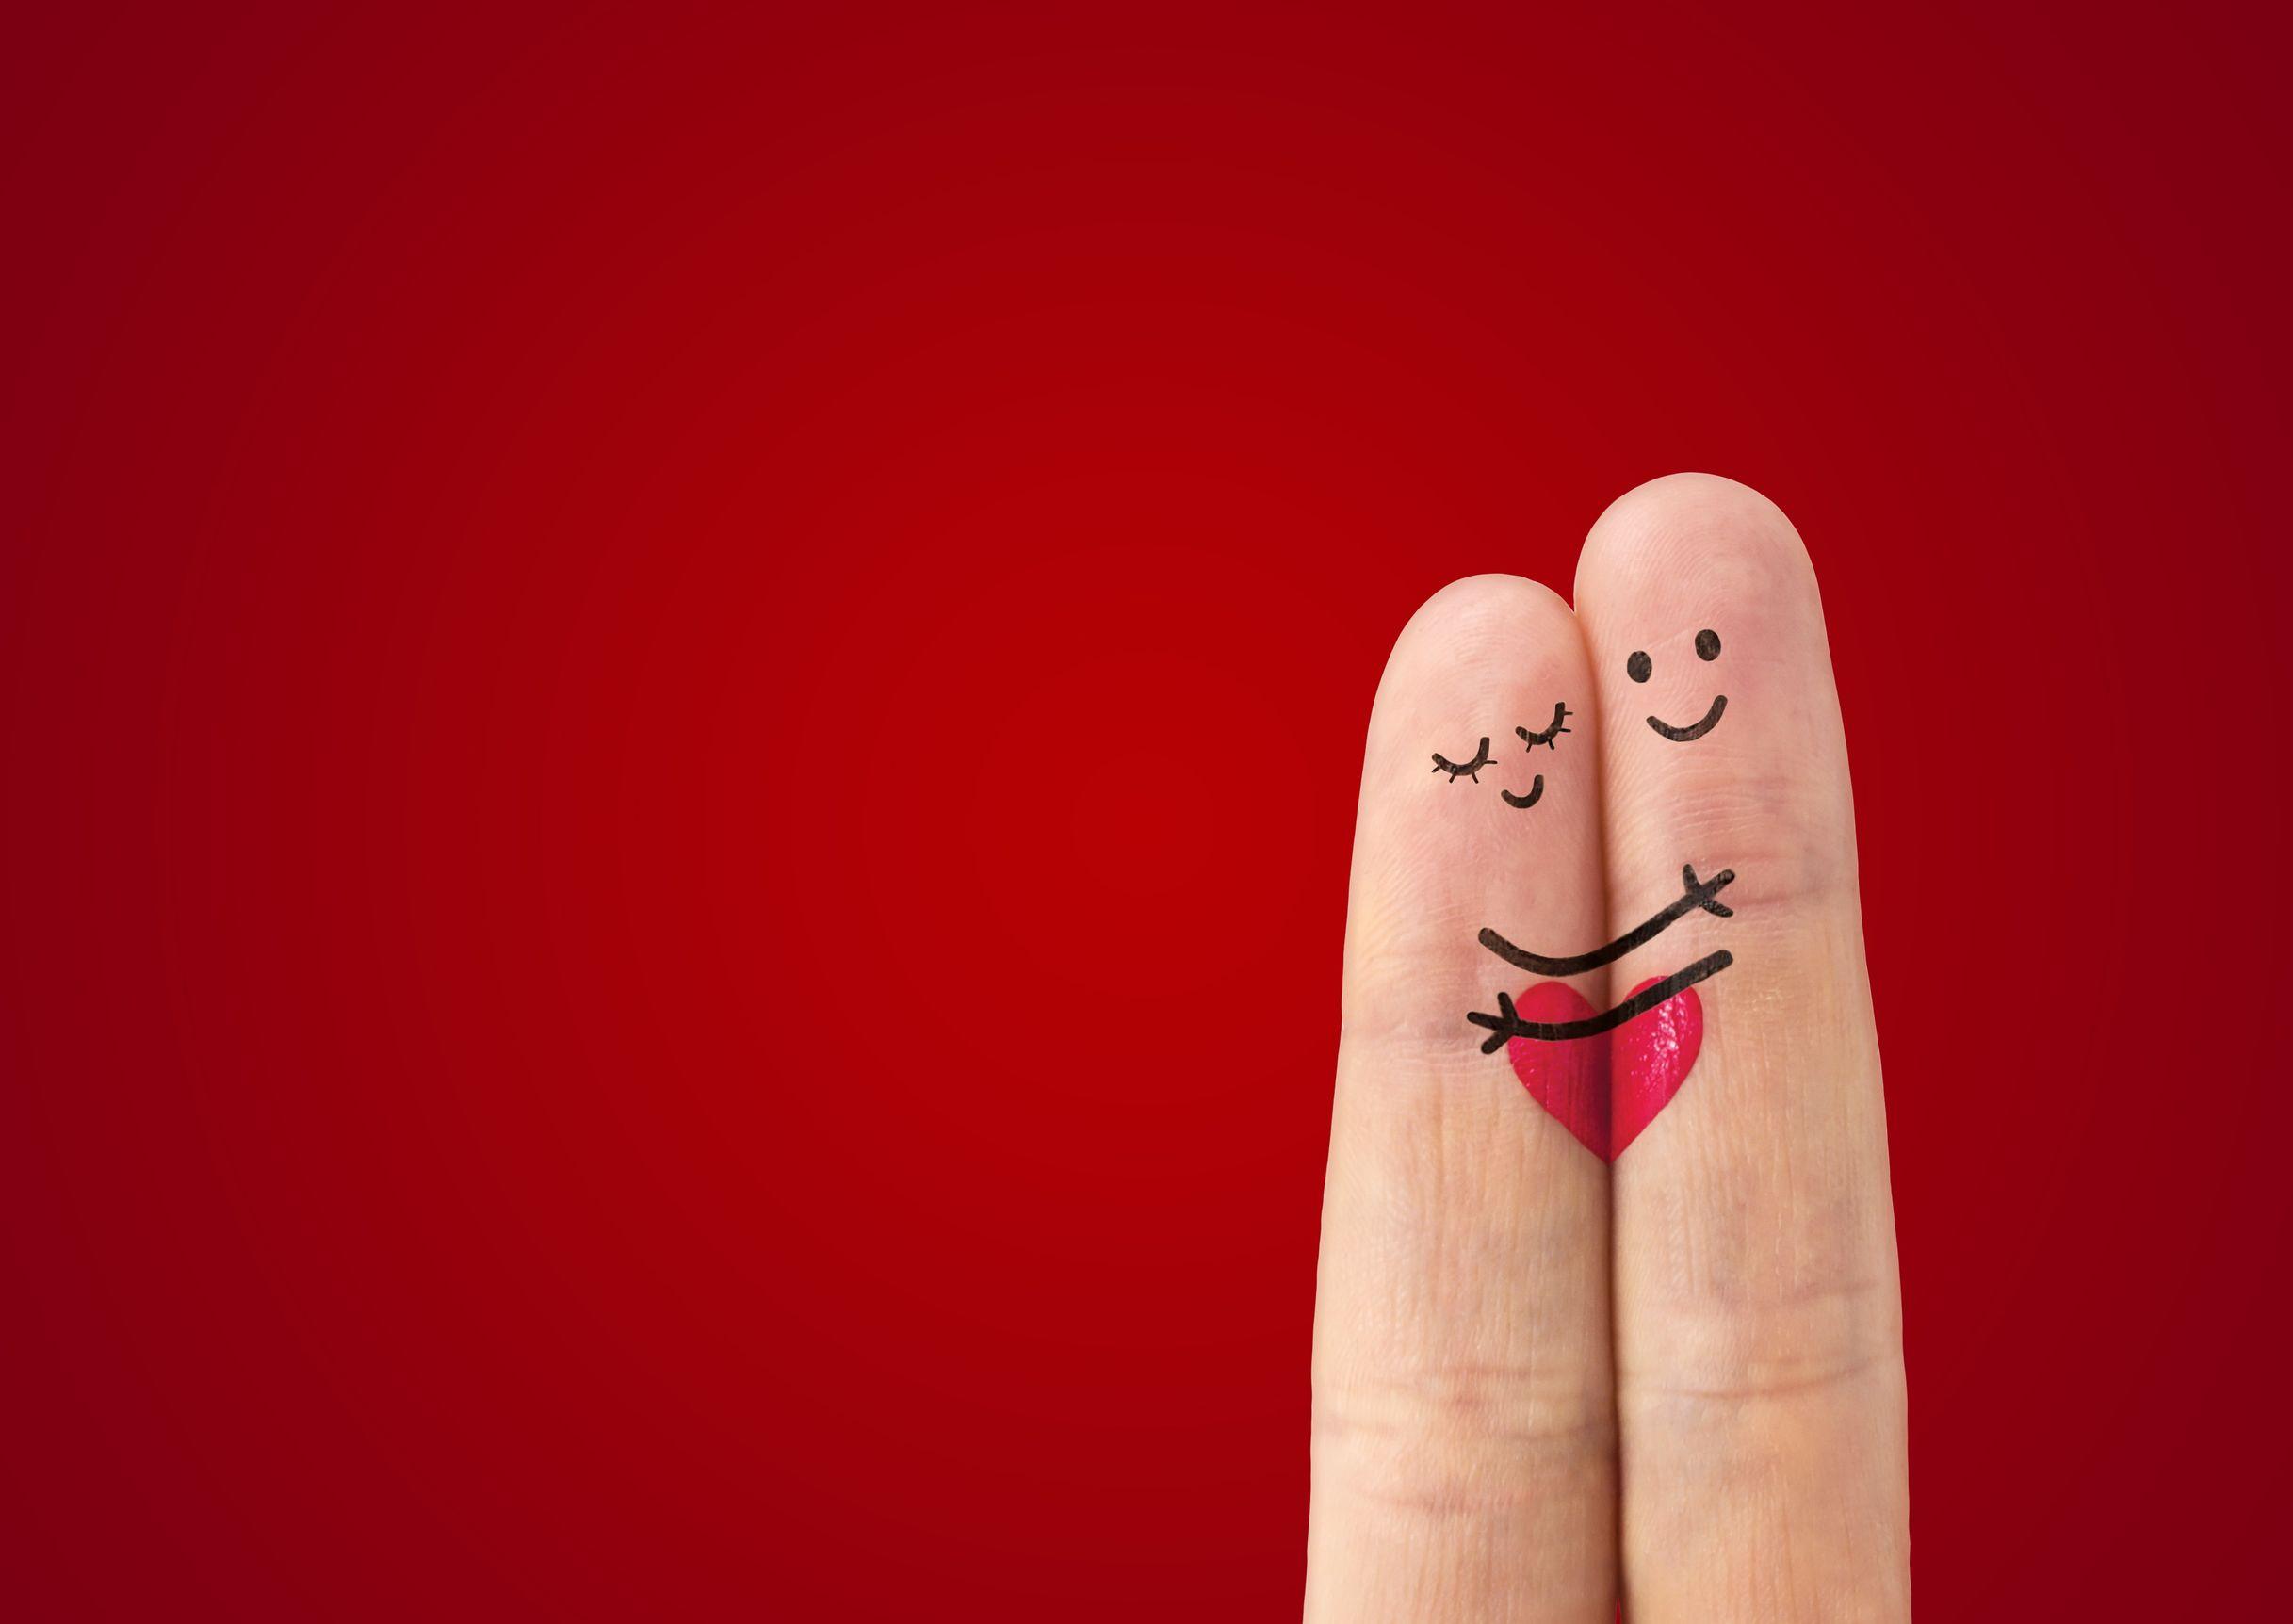 Desenho de casal abraçado feito em dois dedos de uma mão juntos com um fundo vermelho.